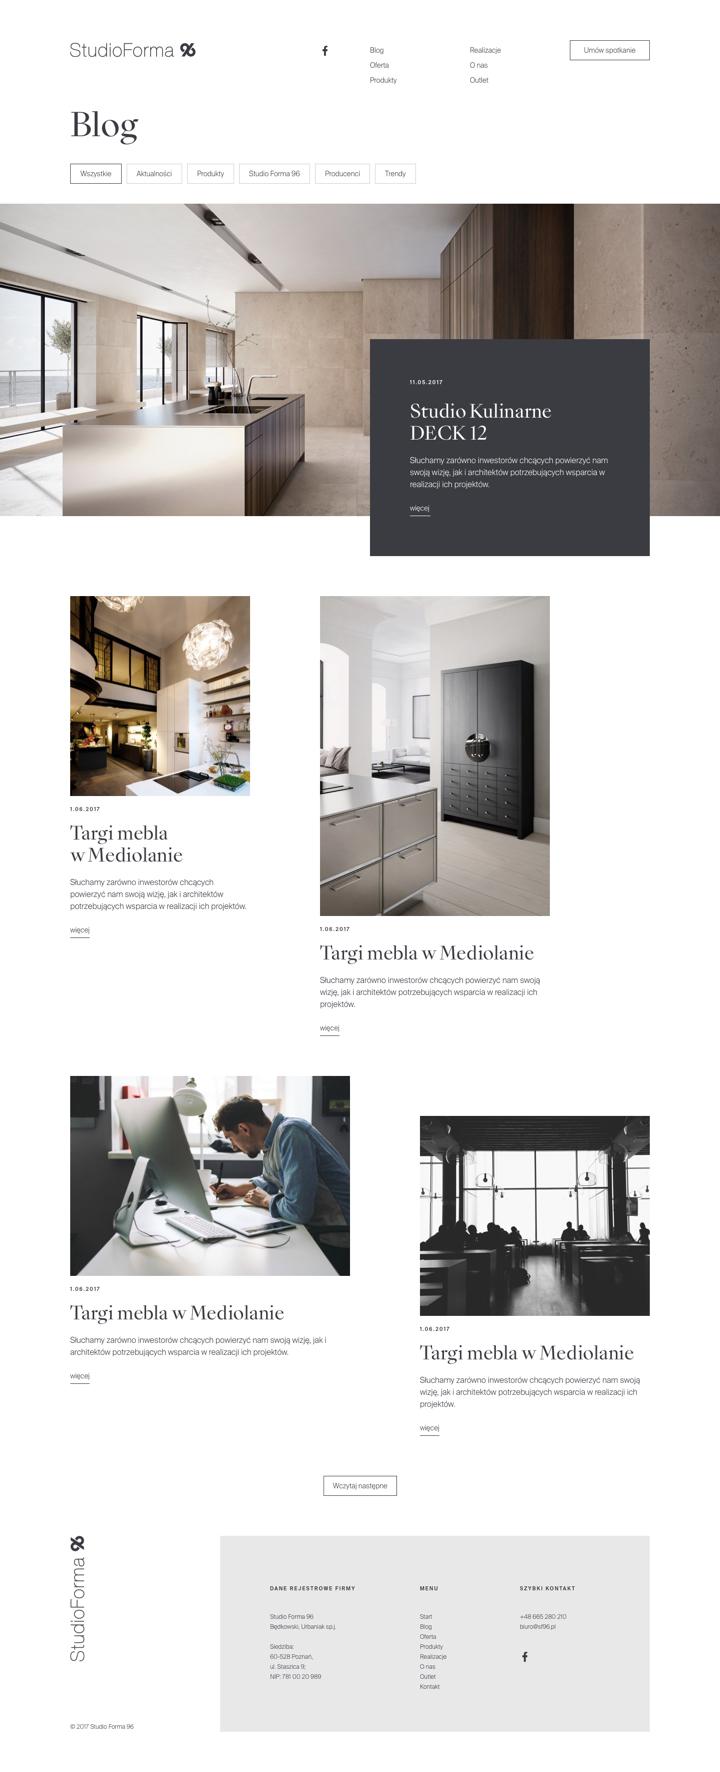 StudioForma 96 by Maciej Mach - UI/UX designer / Poland / Poznań